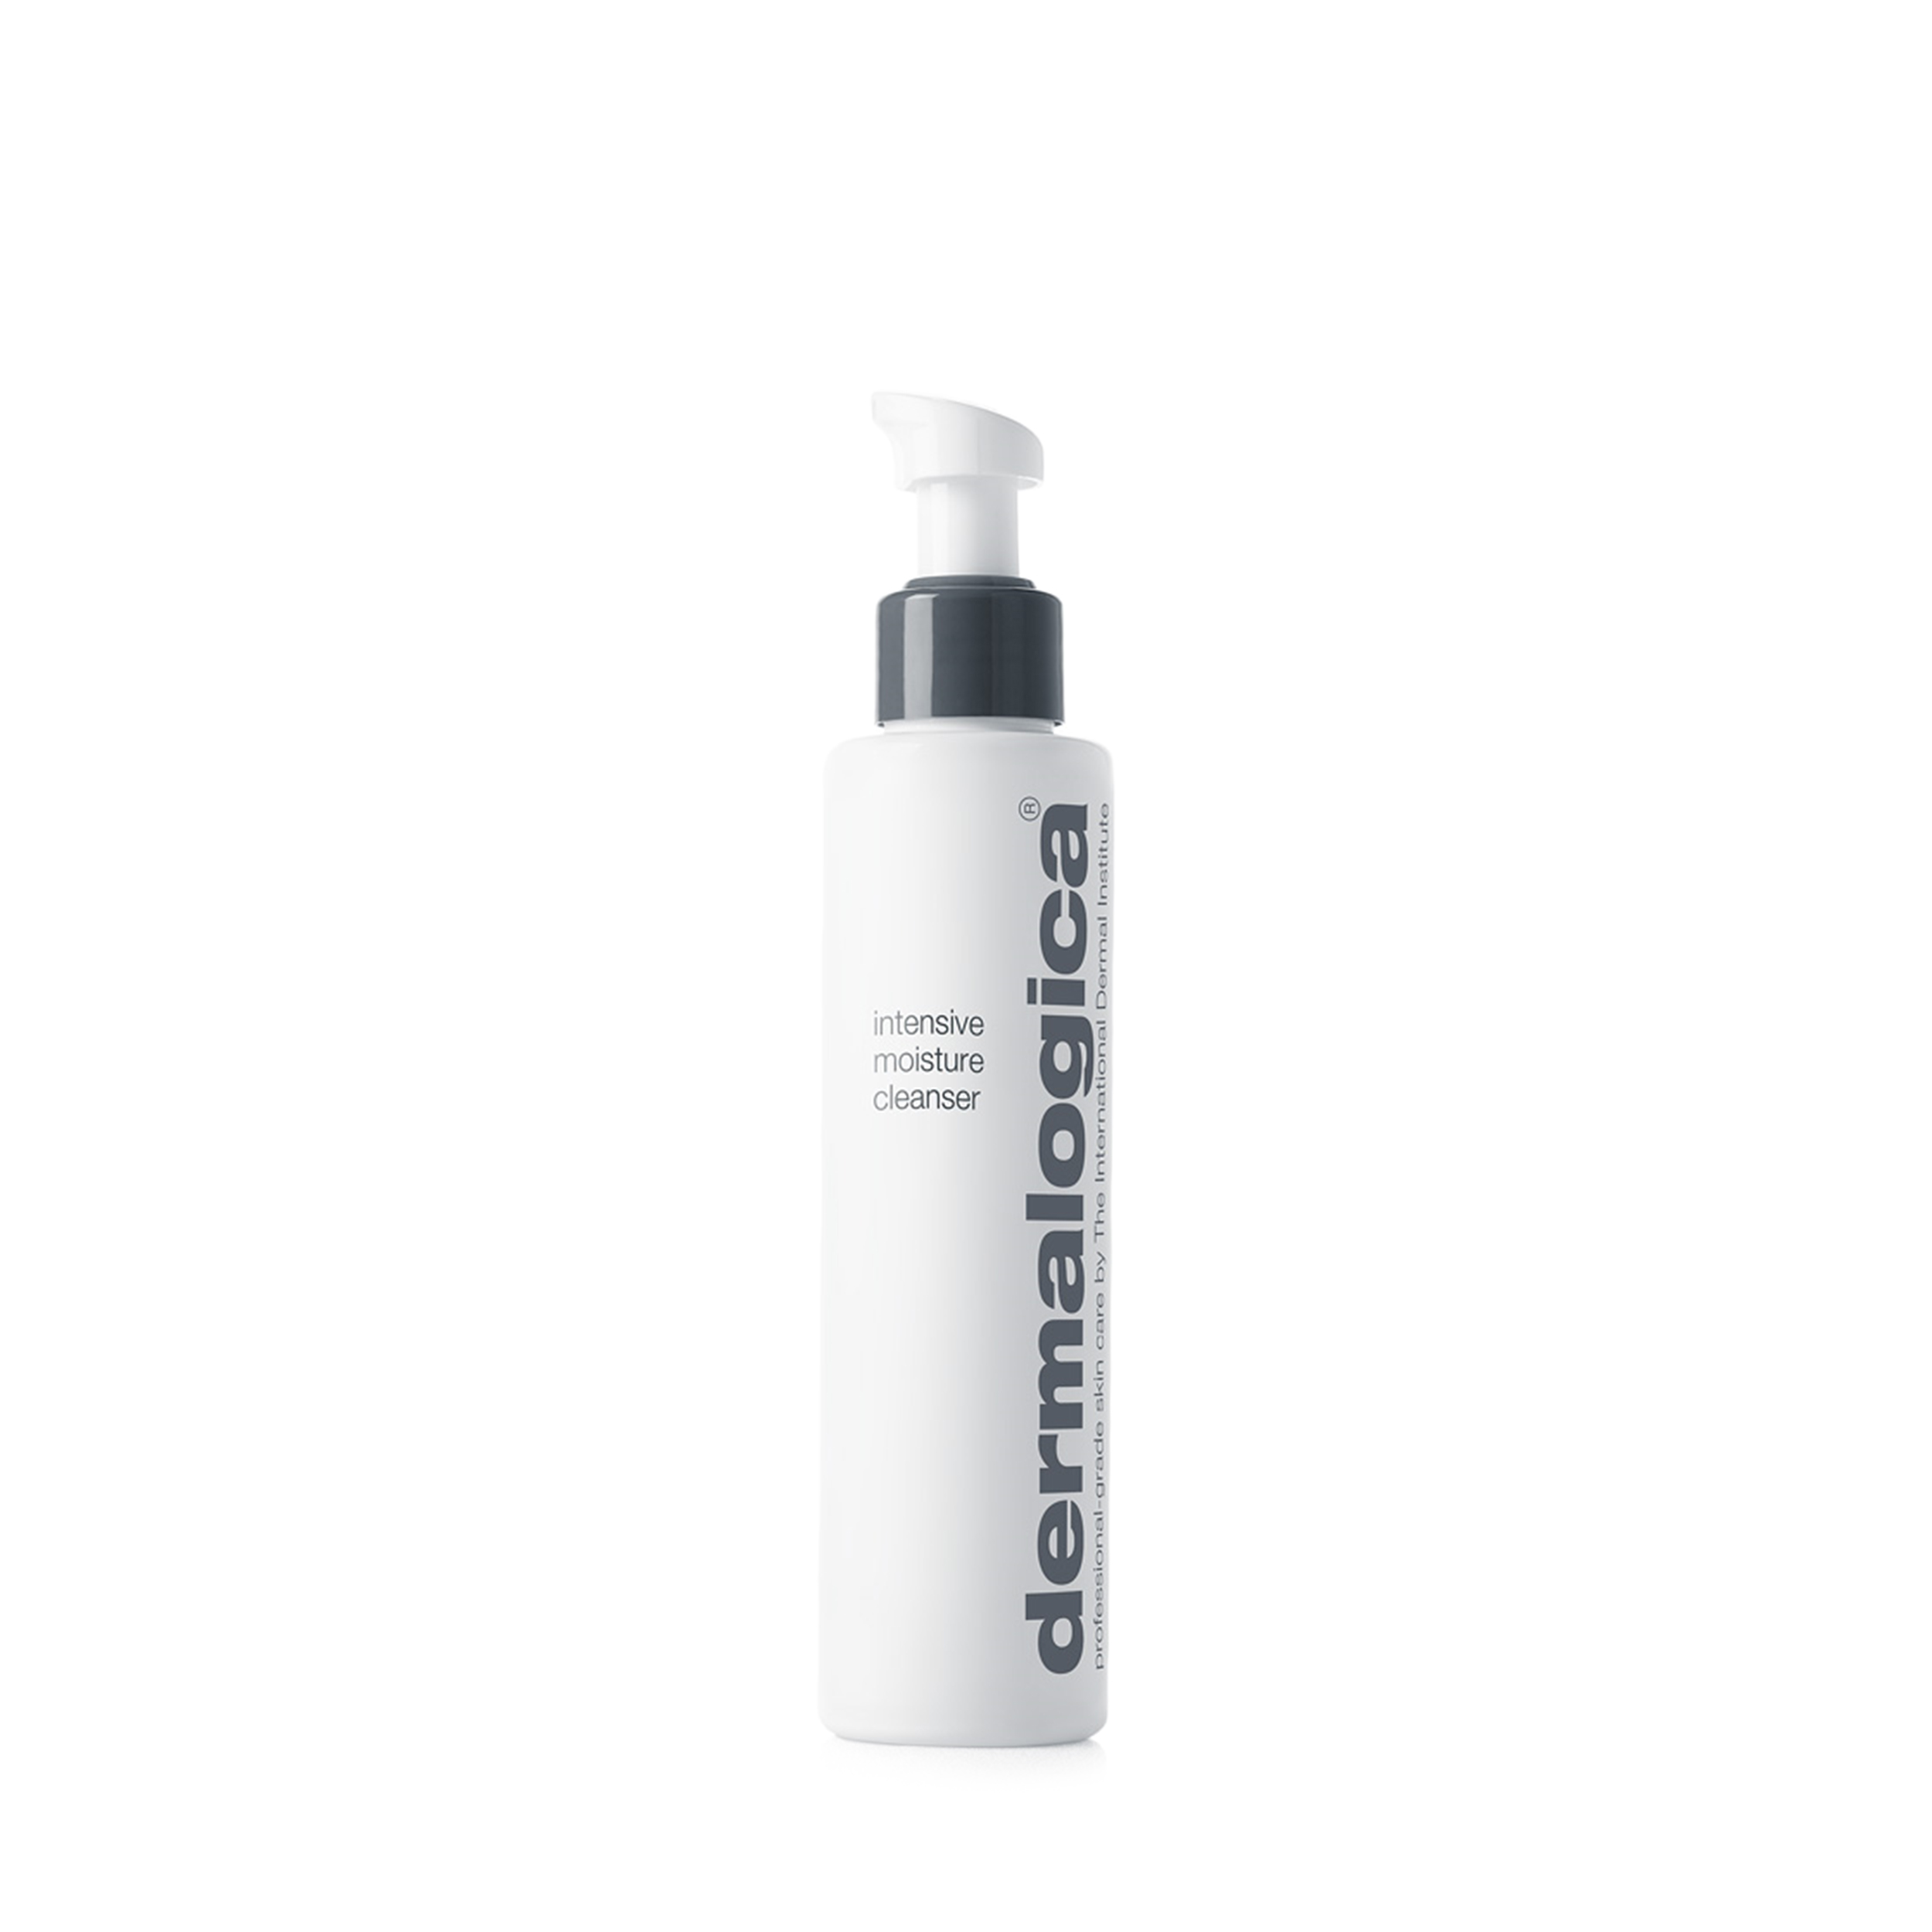 Купить Dermalogica Интенсивное очищающее средство для лица 150 мл